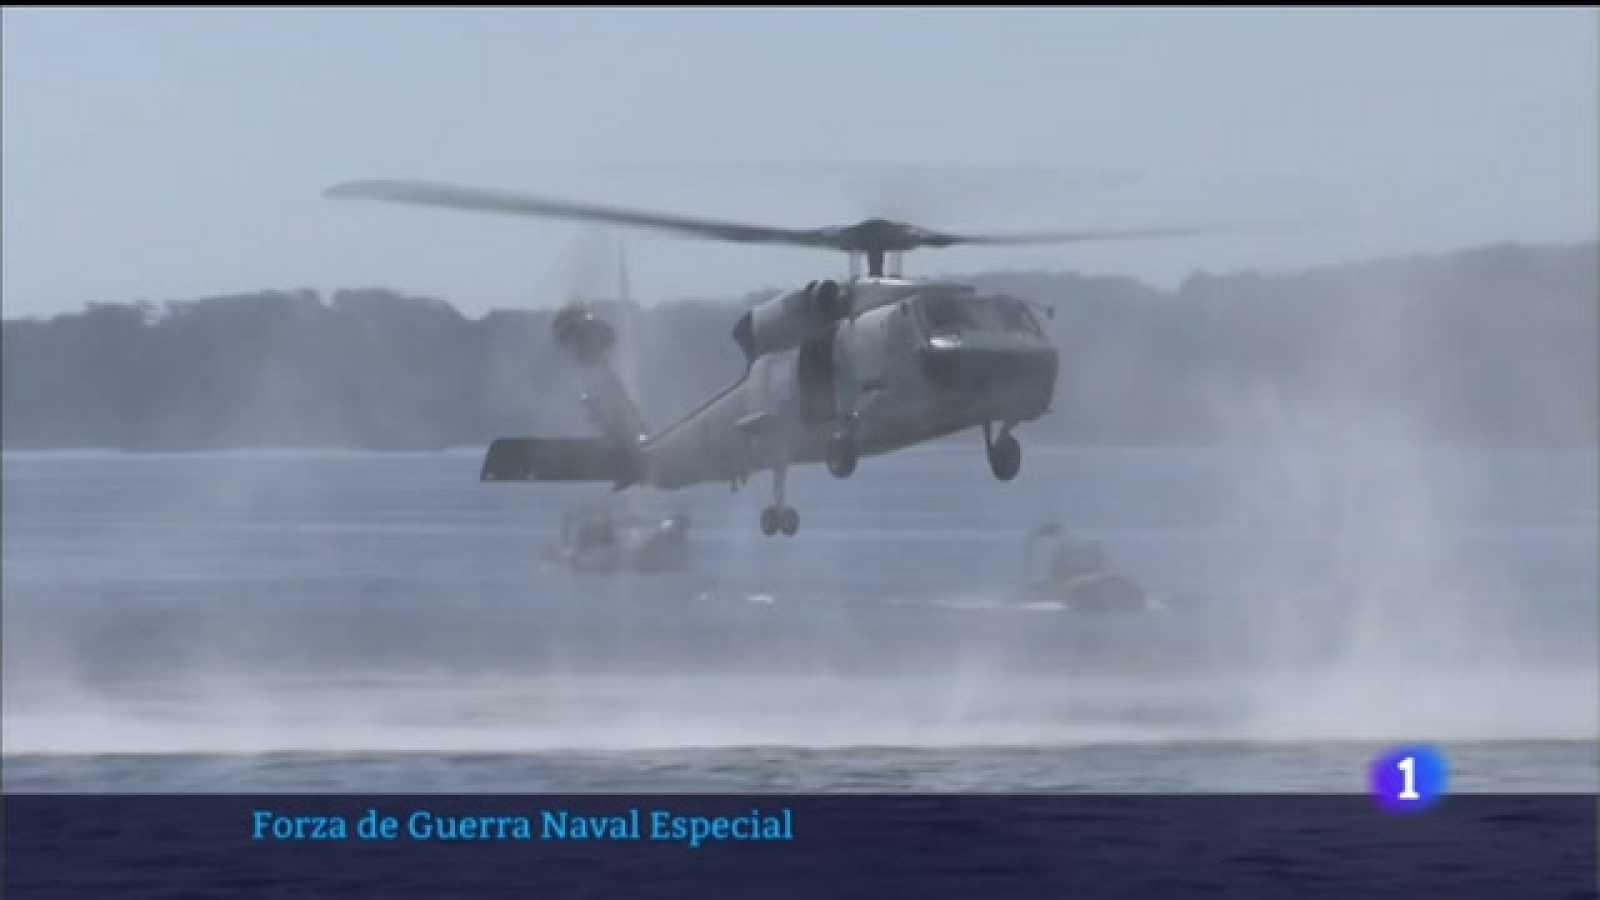 A Forza de Guerra Naval do Exército adestra en Galicia